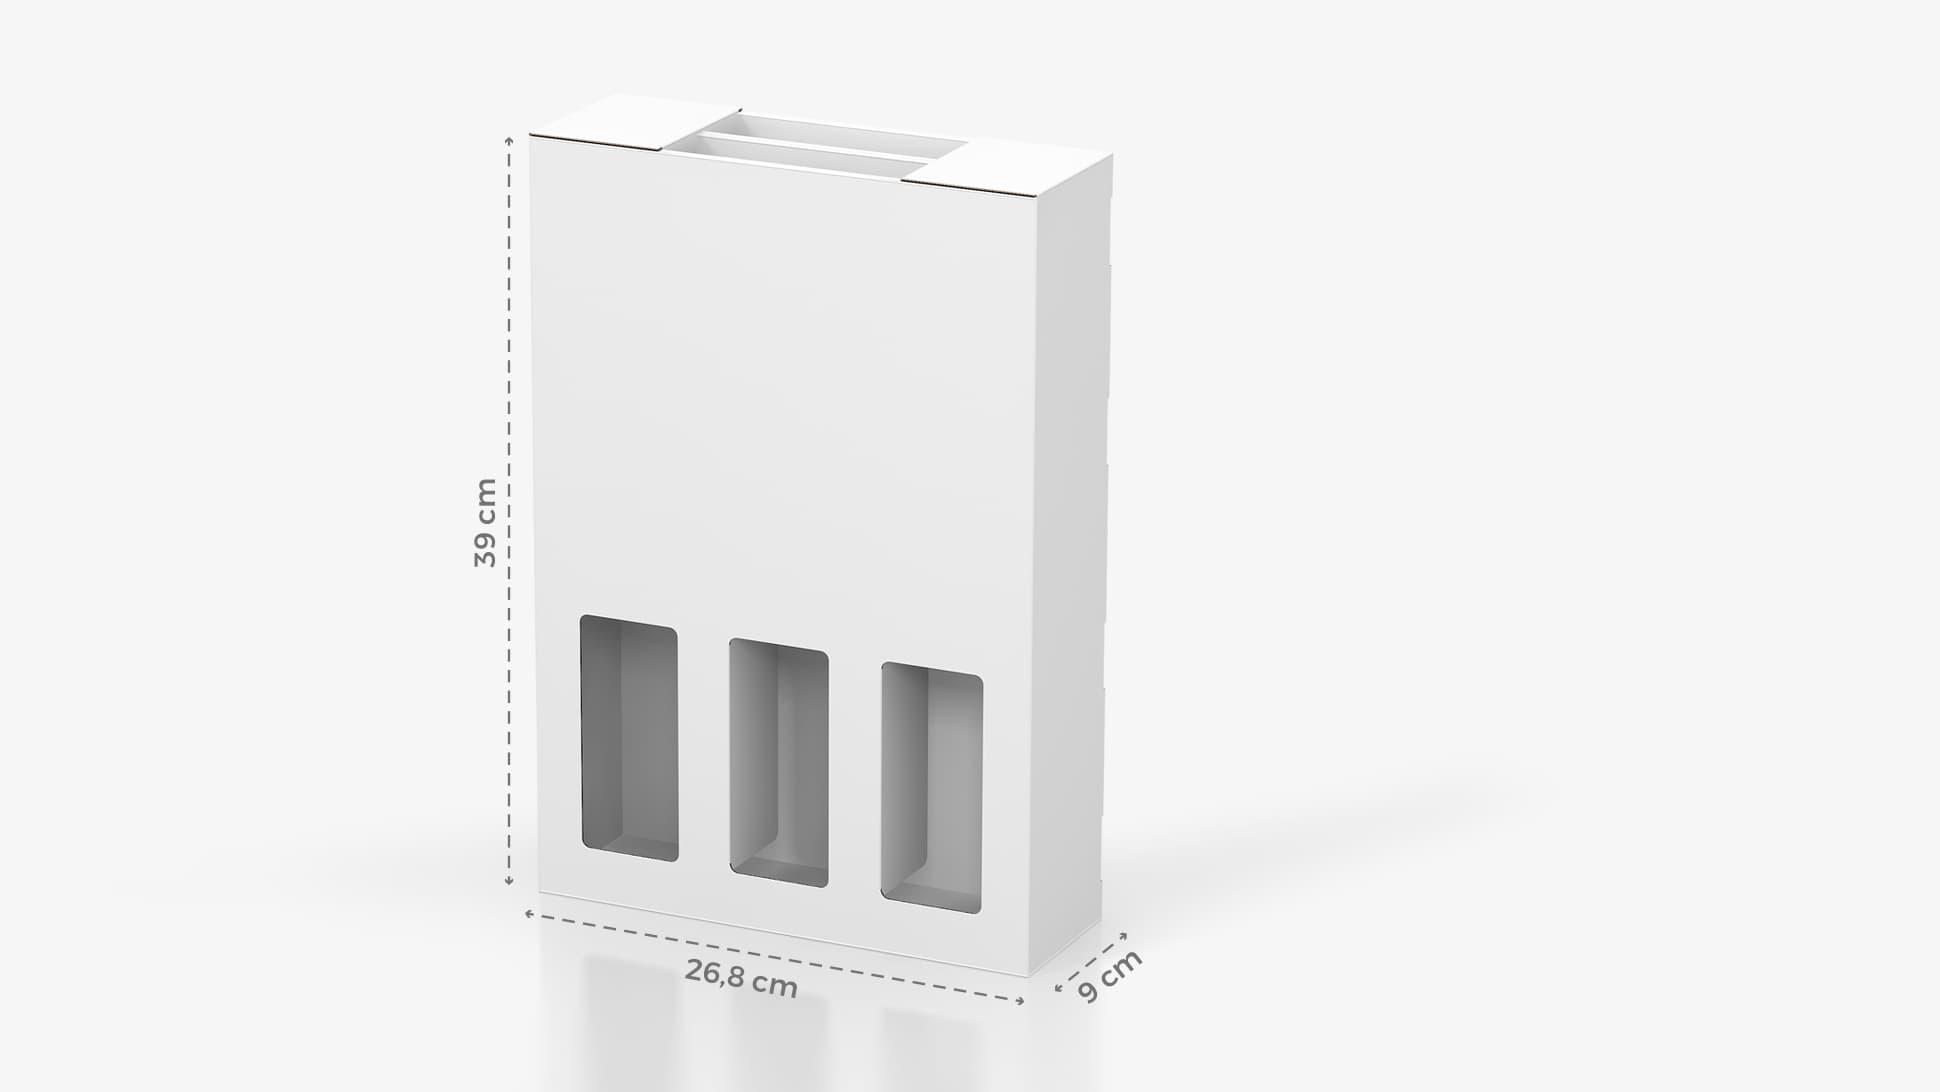 Portabottiglie in cartone 26,8x39 cm personalizzabile | tictac.it